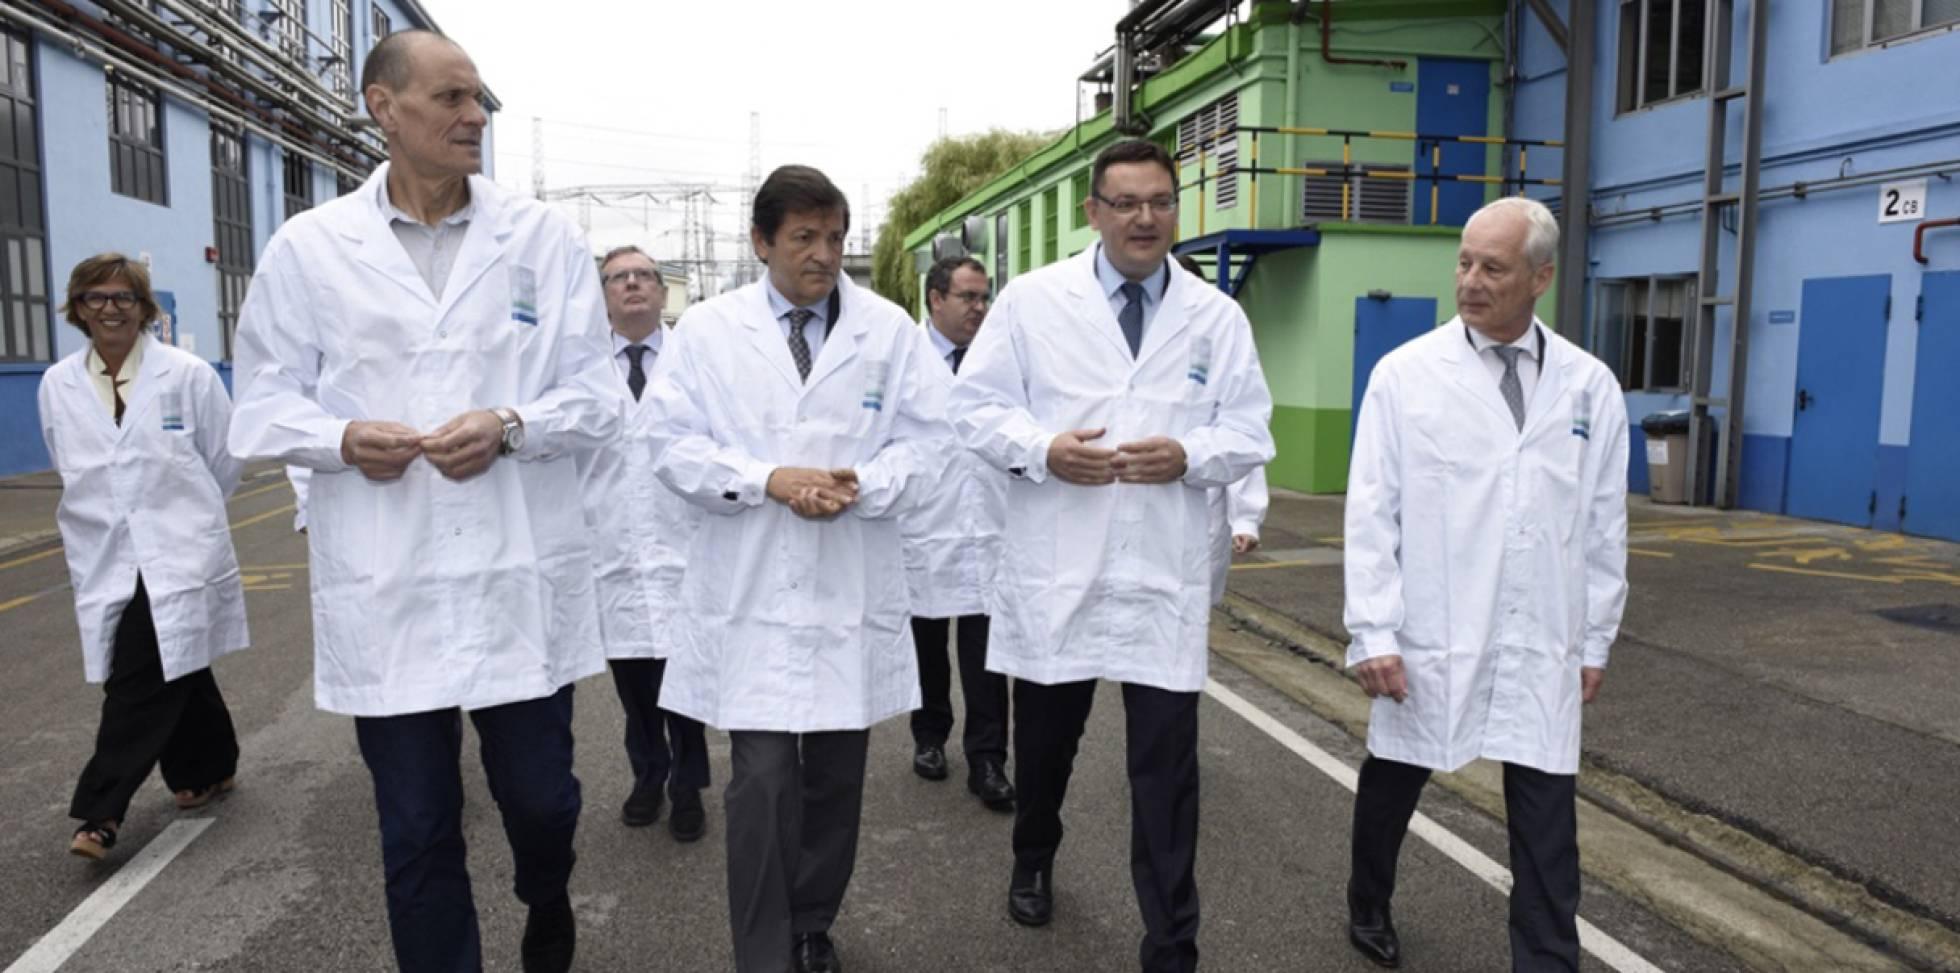 Visita a la empresa Bayer, en La Felguera (Asturias). Desde la derecha, Rainer Krause, consejero delegado de Bayer Iberia, Jorge Álvarez, director de La Felguera y Javier Fernández, presidente de Asturias.